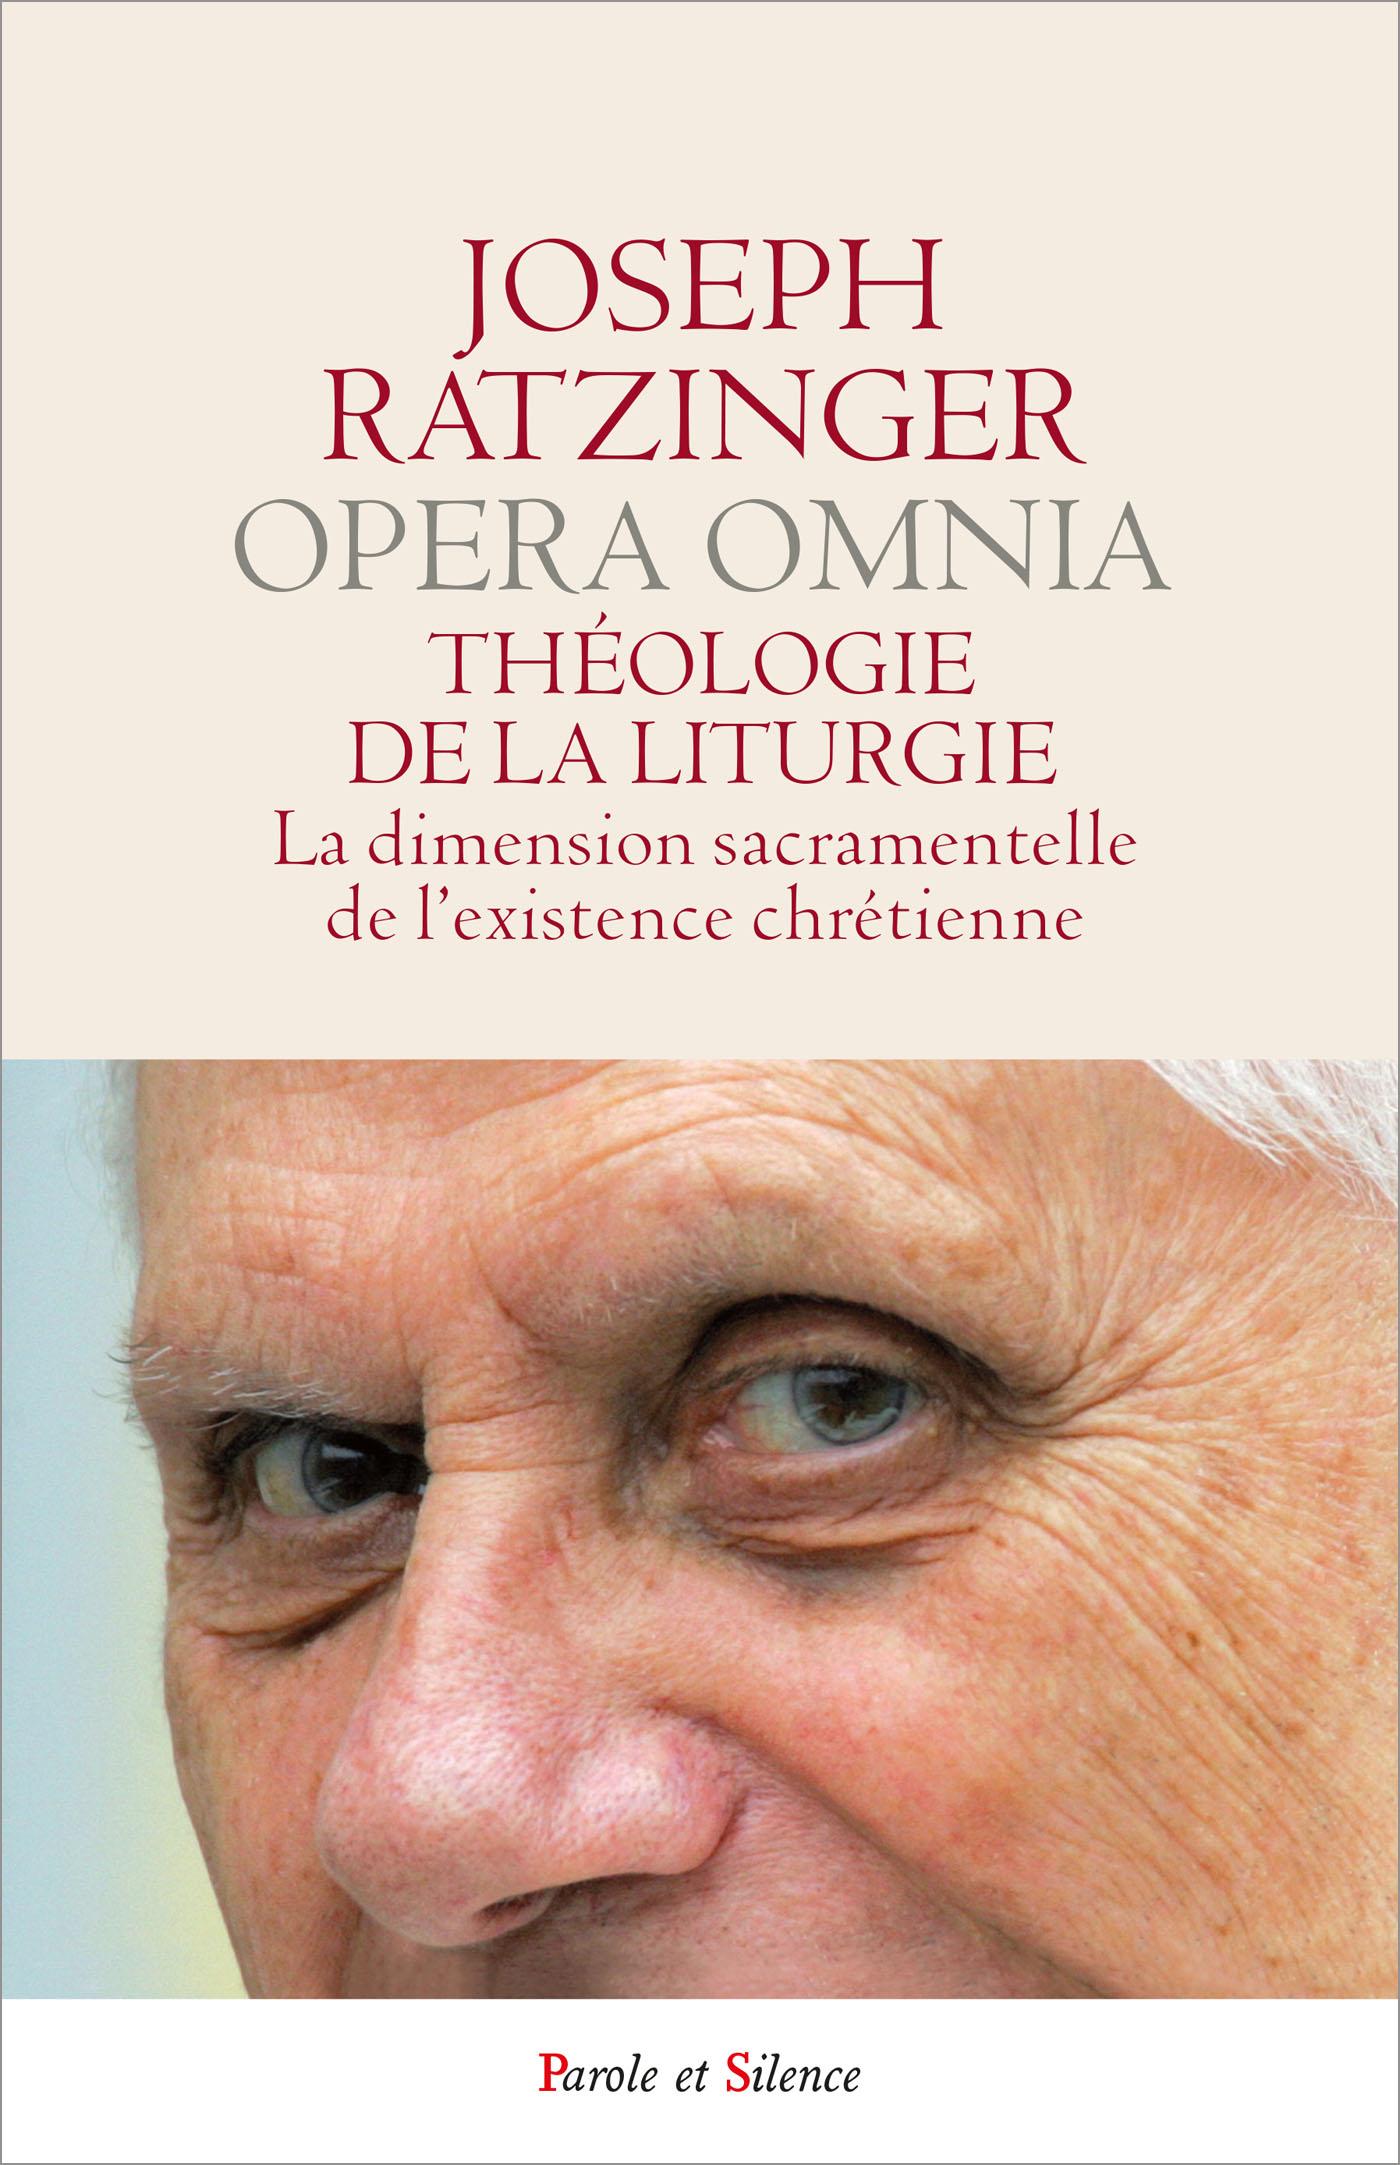 Théologie de la liturgie